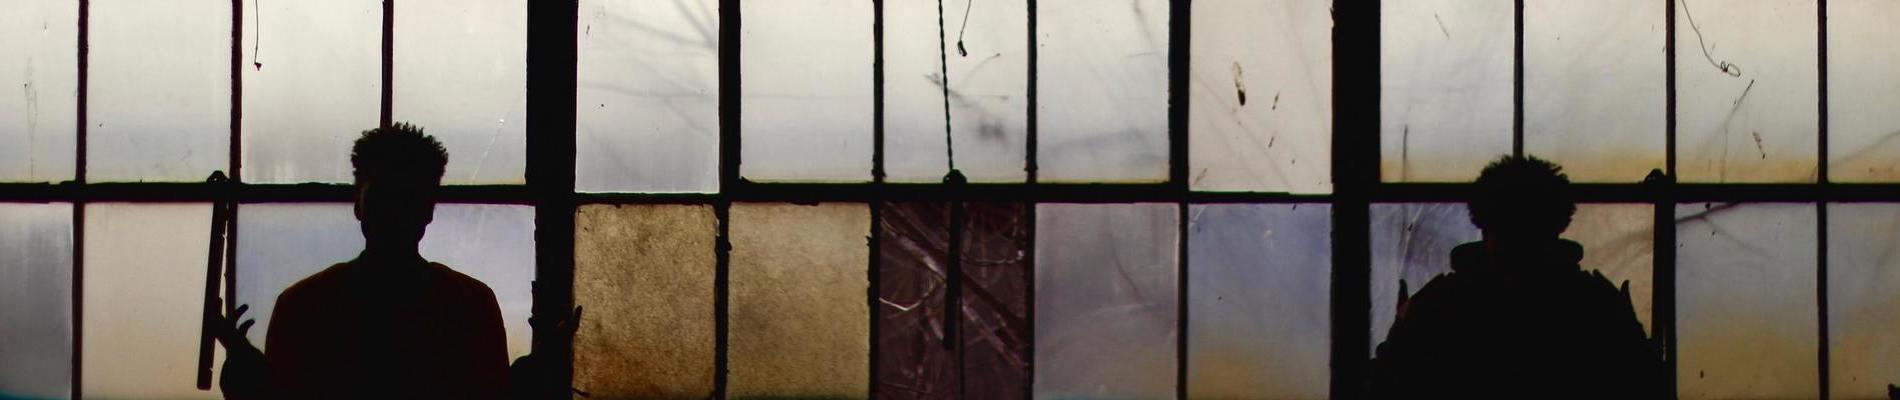 Vies confisquées entre clôtures et quadrillages